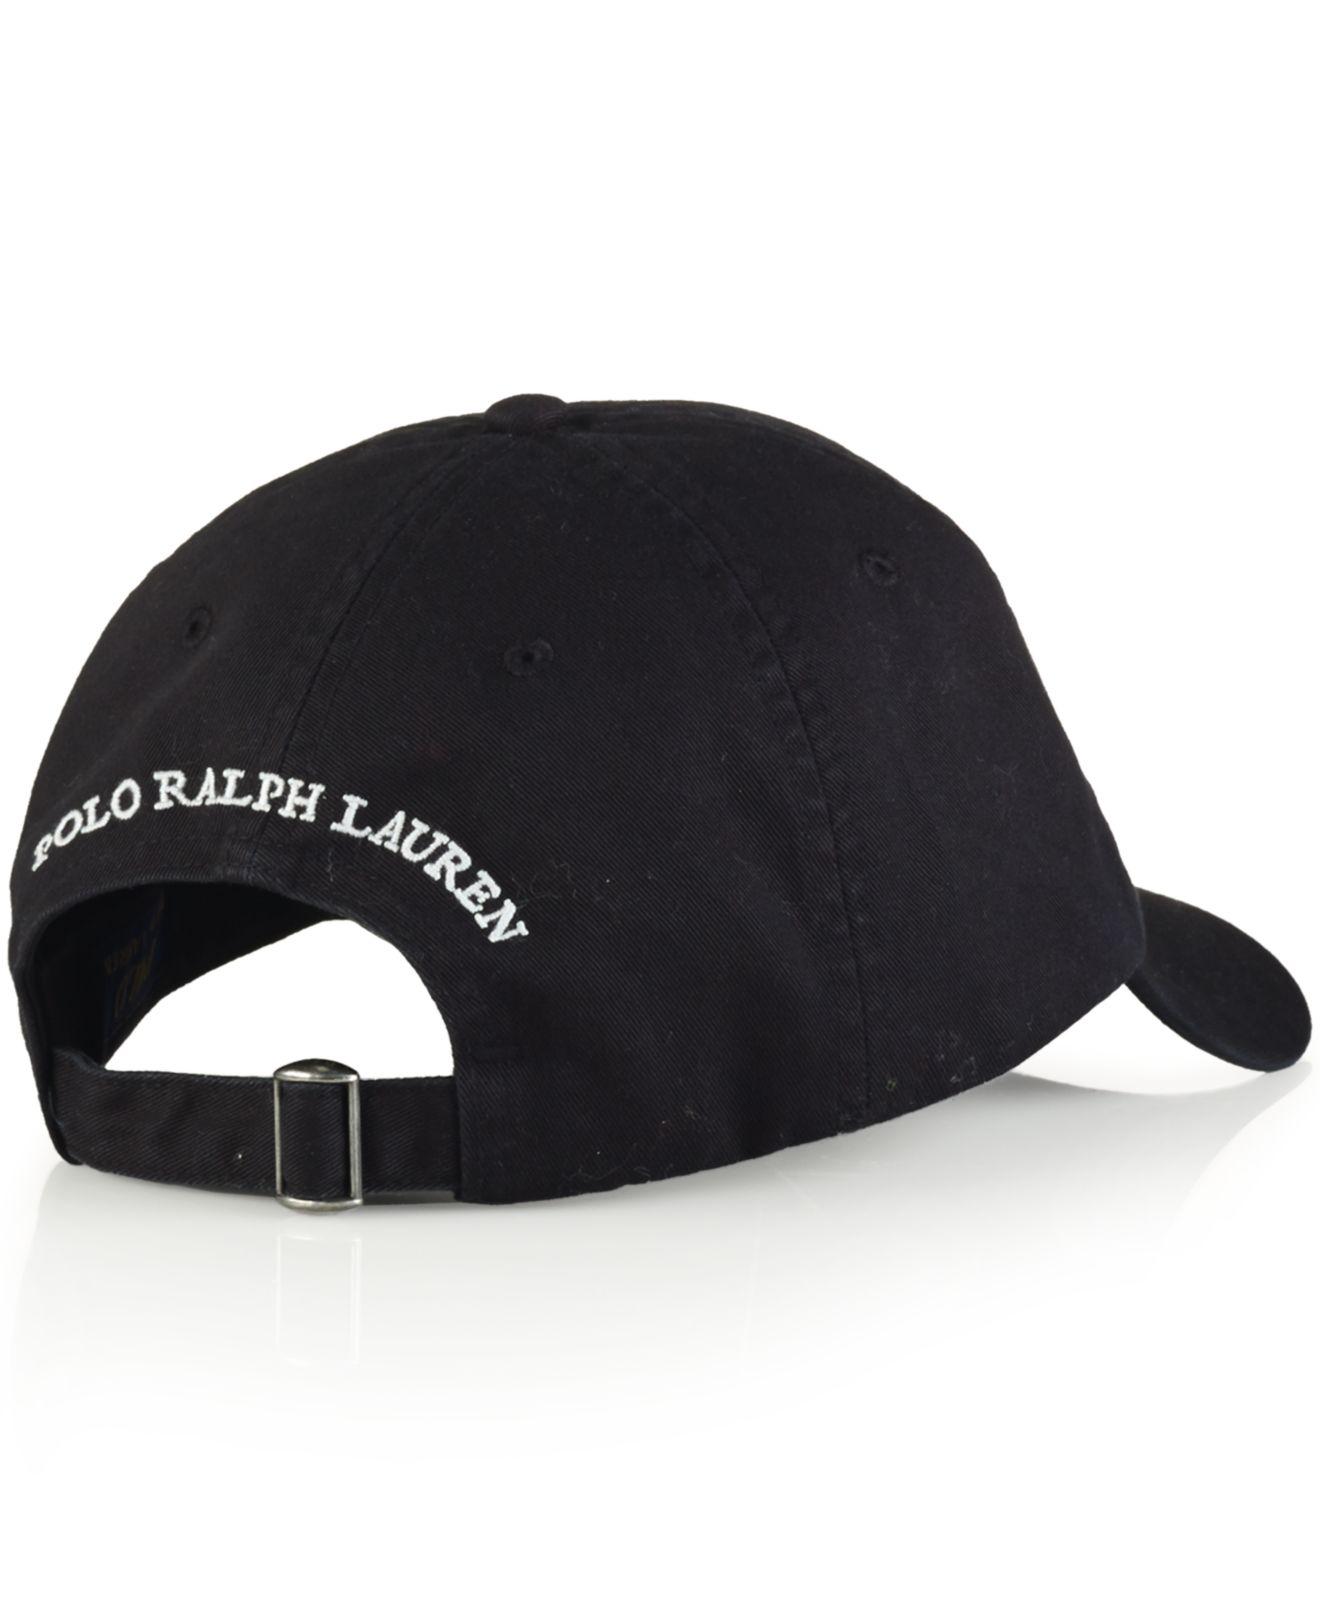 Lyst - Polo Ralph Lauren Polo Bear Chino Baseball Cap - Athlete Bear ... d4ddab944113